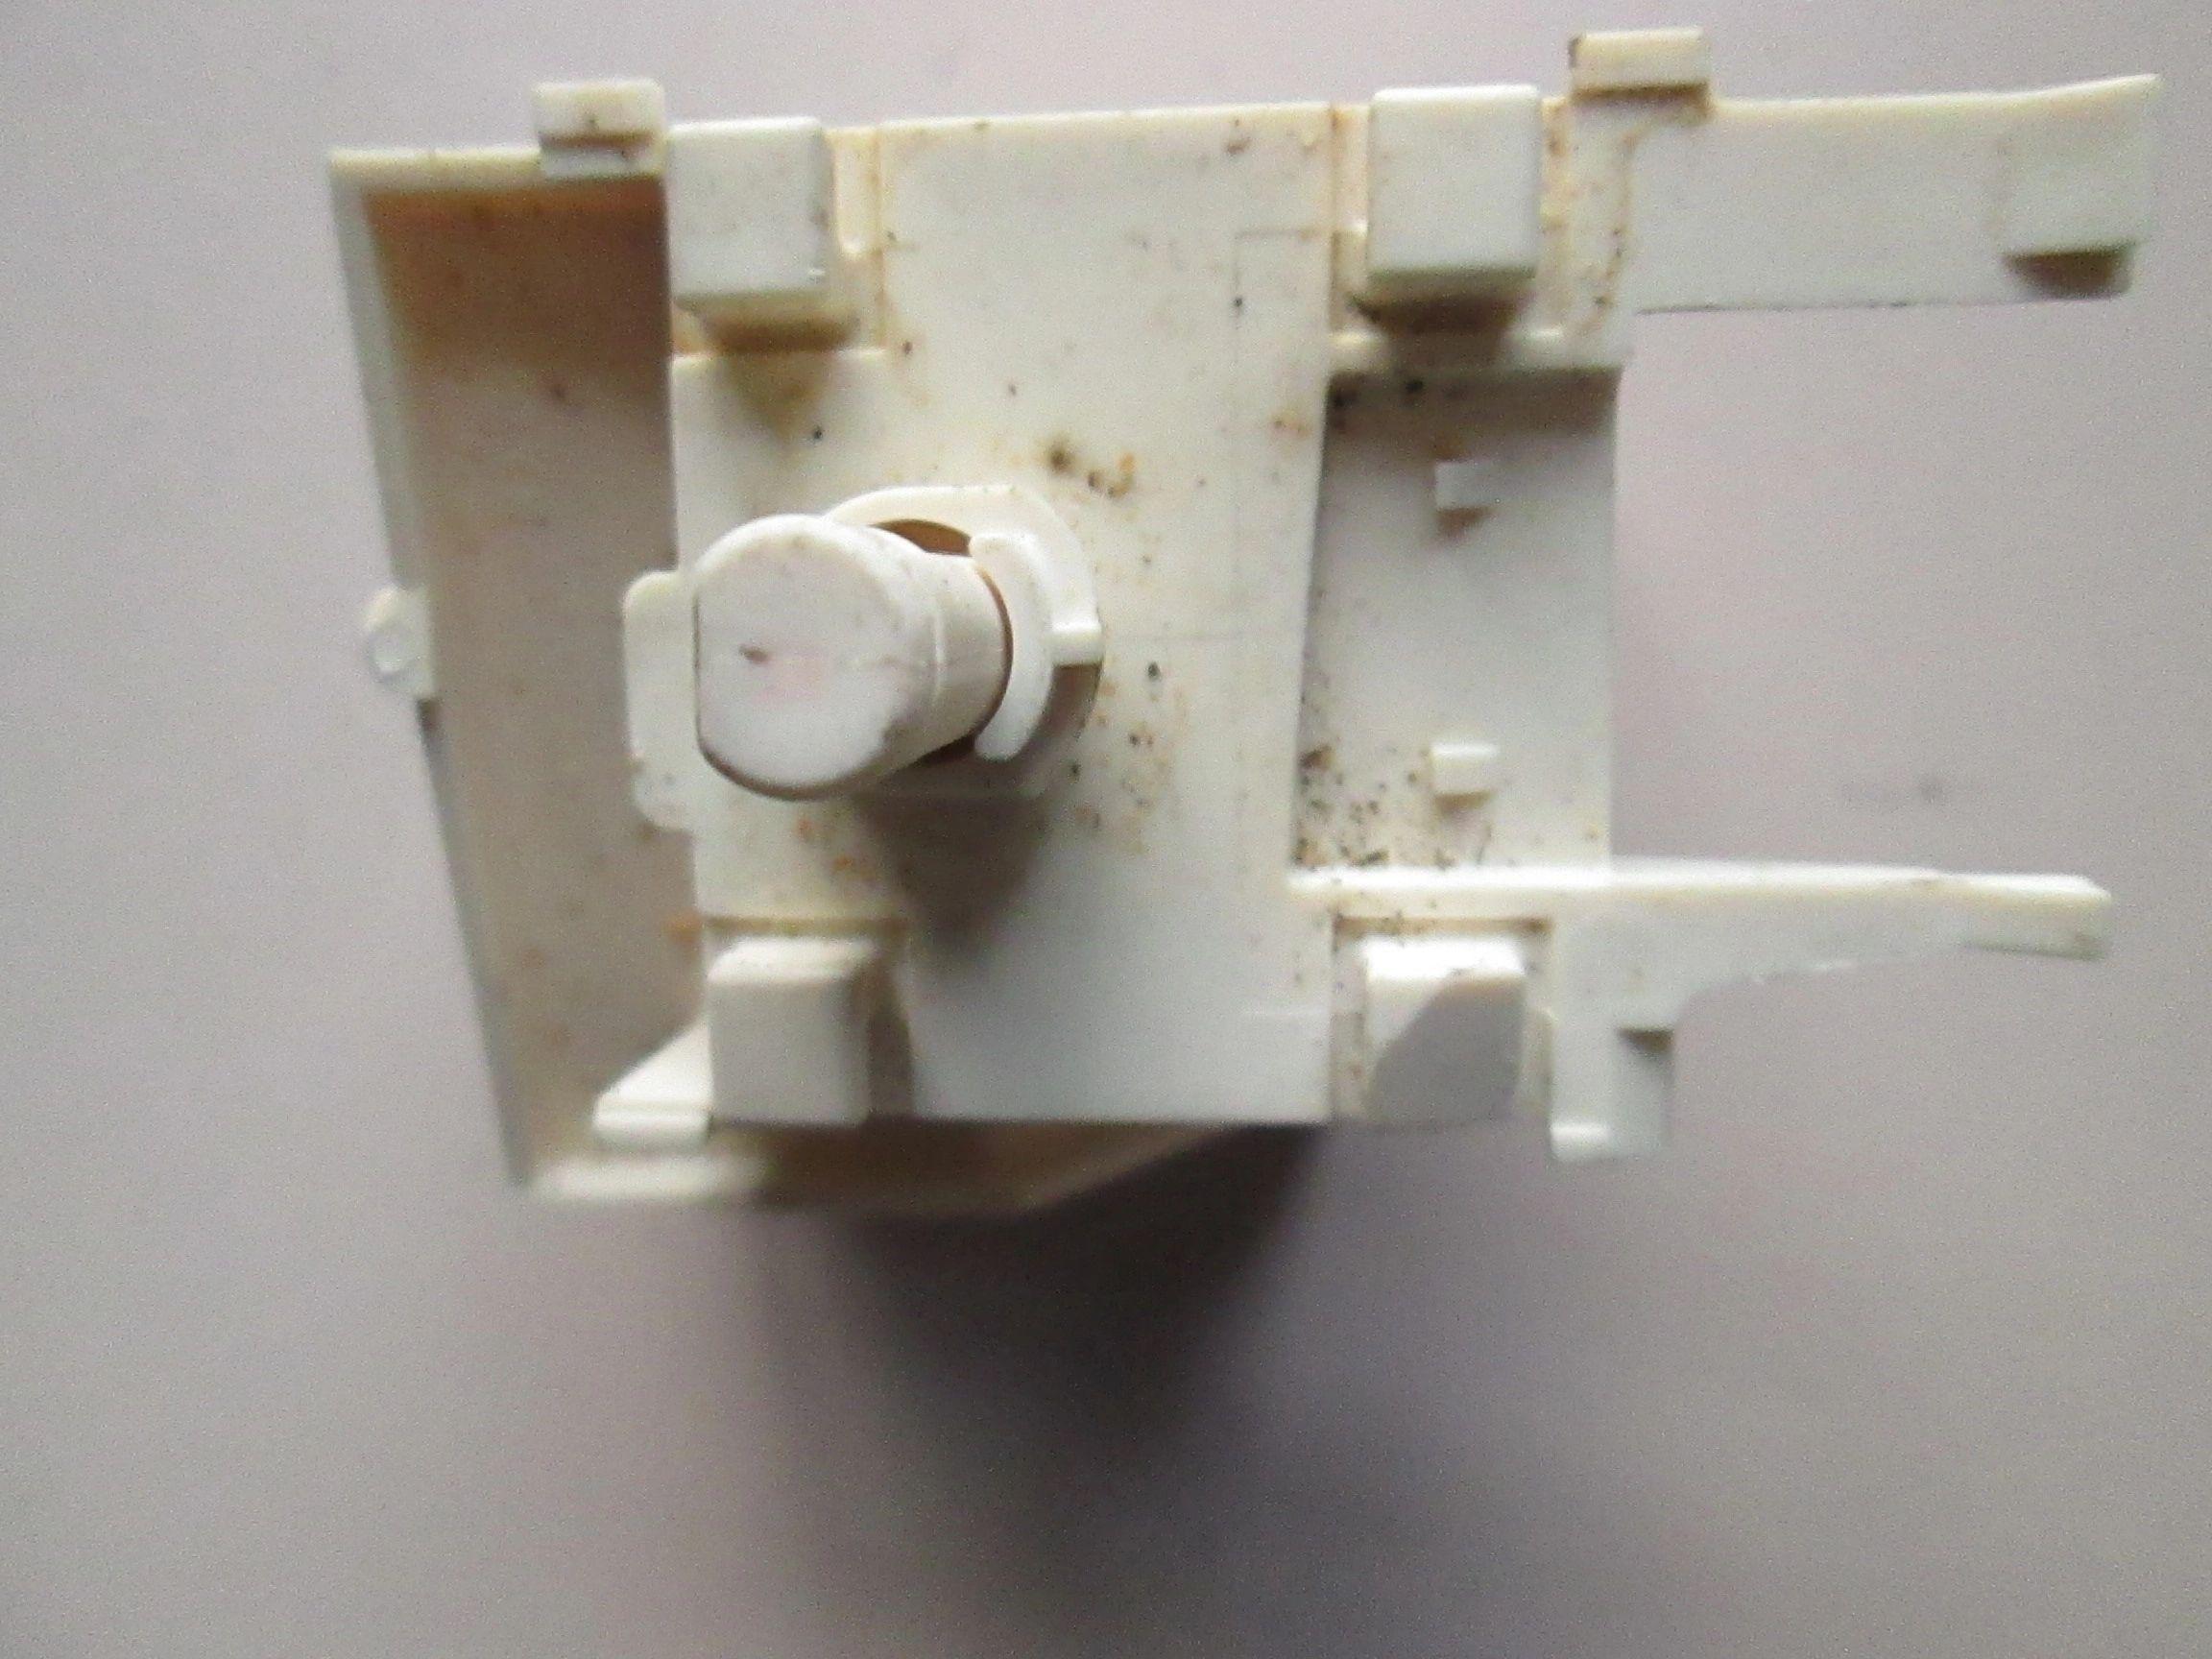 ORIGINALE Interruttore on//off spülmaschne Bosch Siemens Neff 5600052536